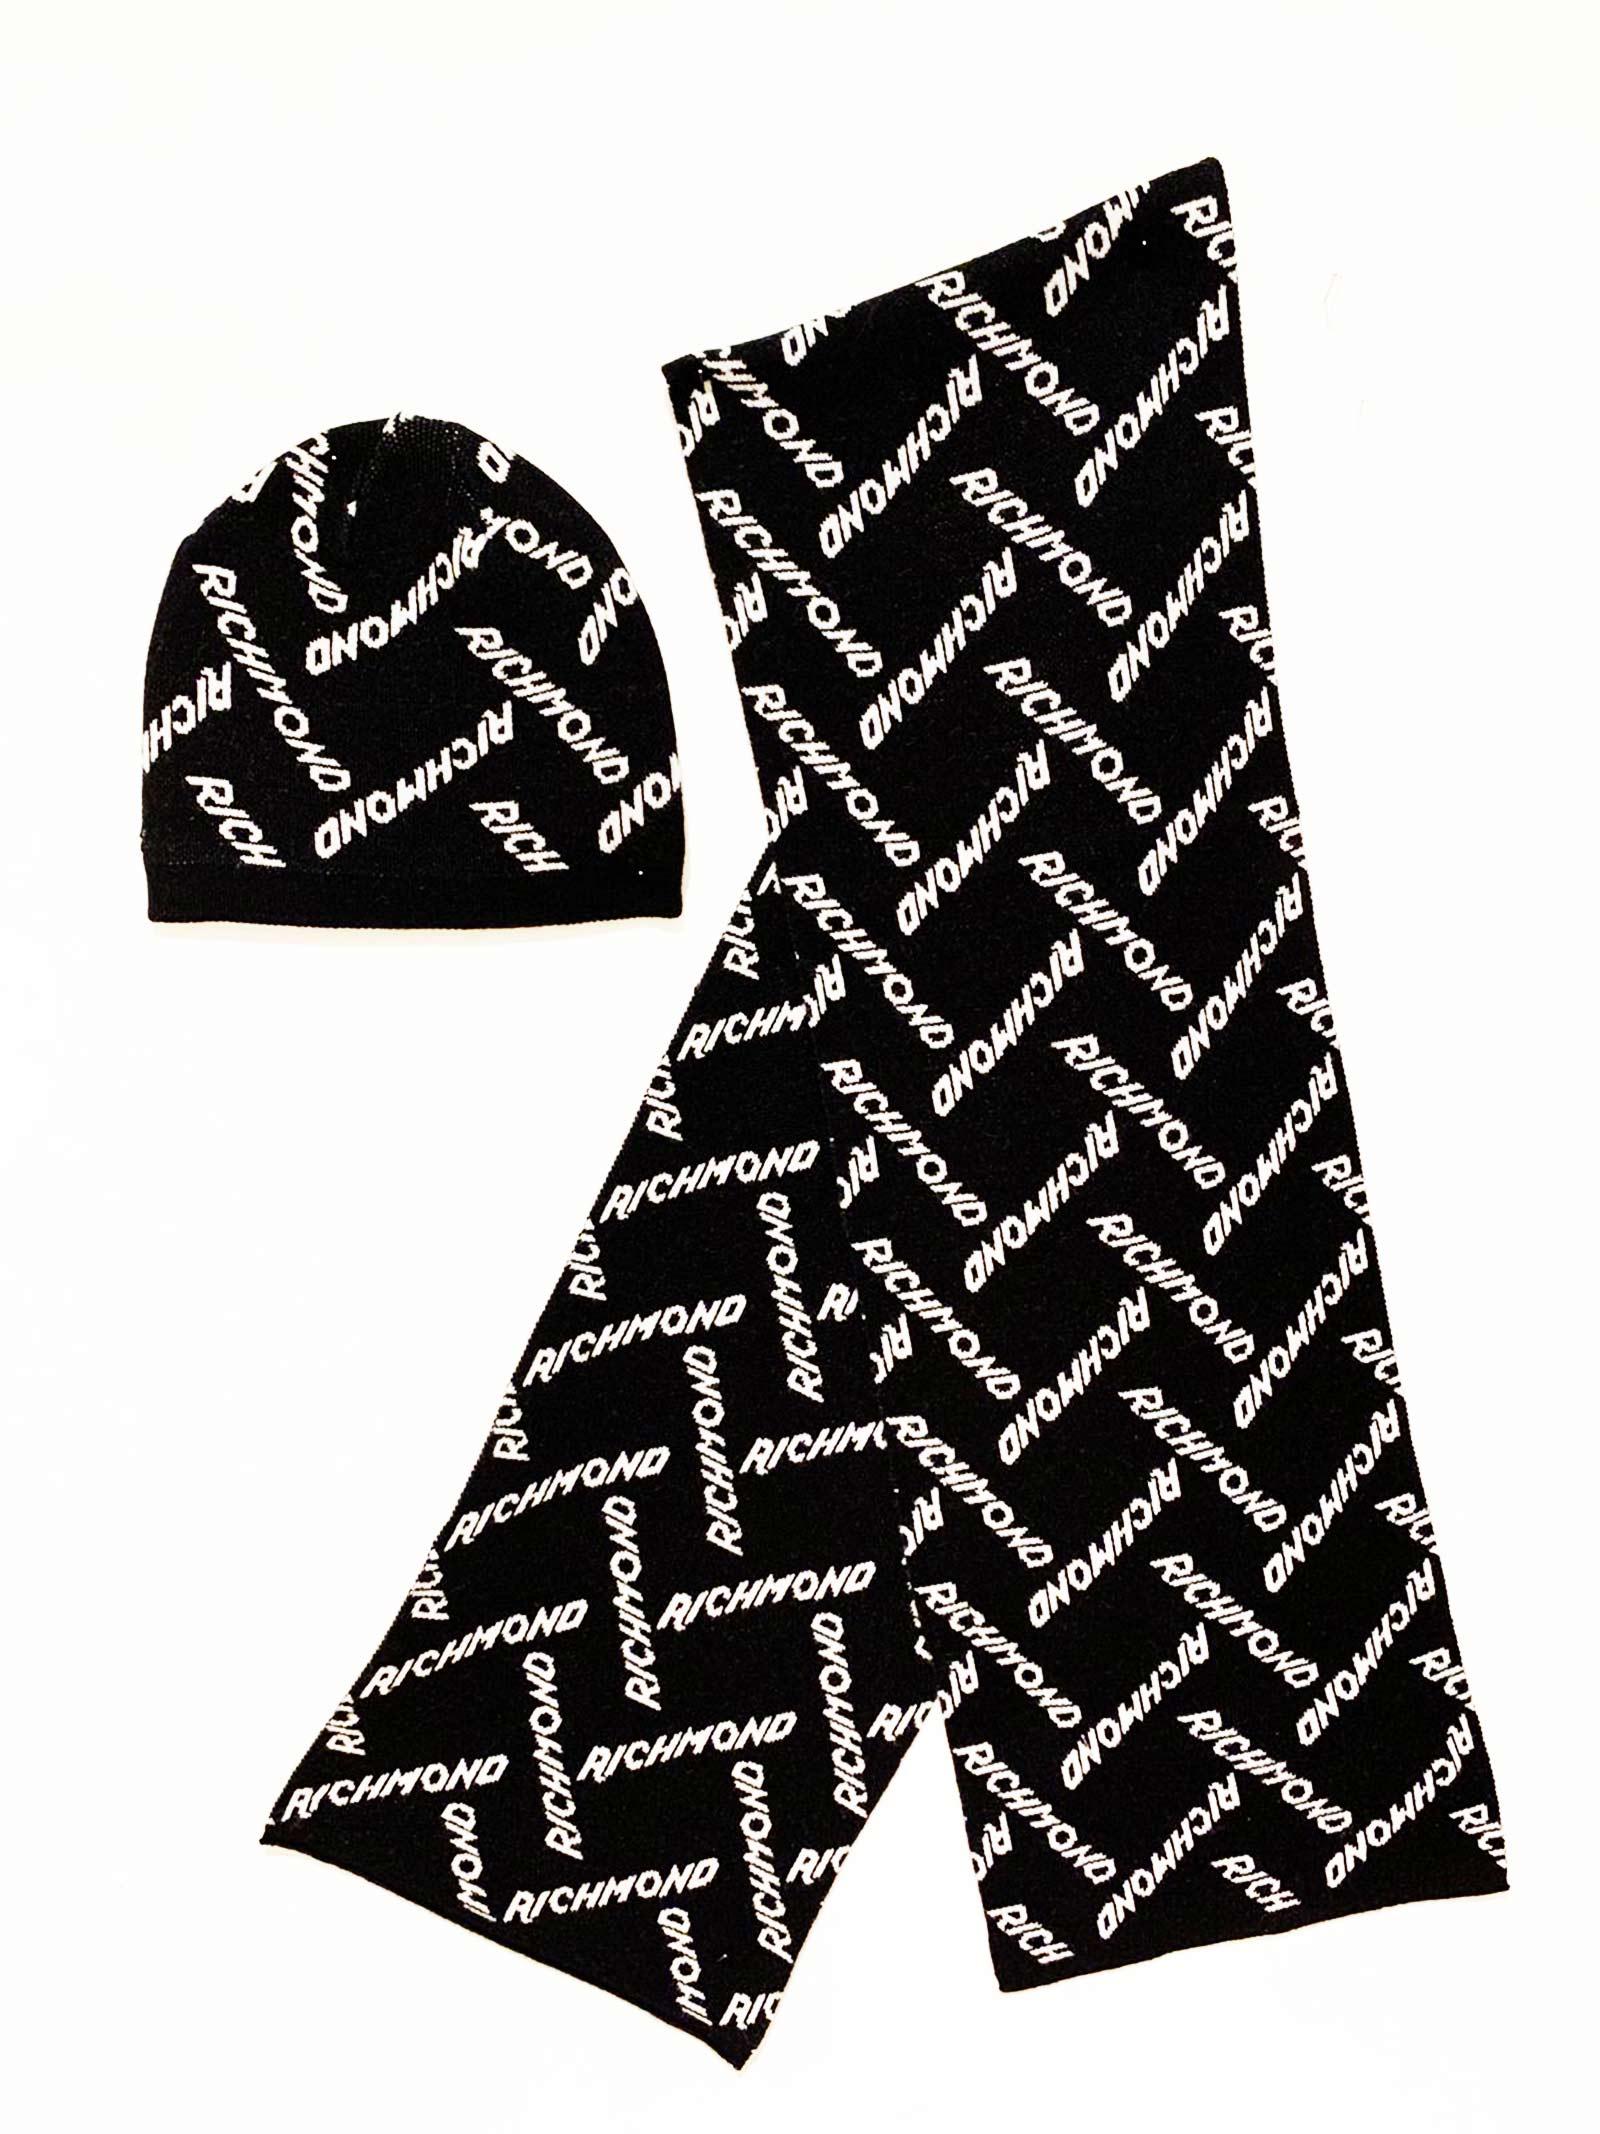 set sciarpa+cappello richmond John richmond | Sciarpa + cappello | HMA20137HSW1461